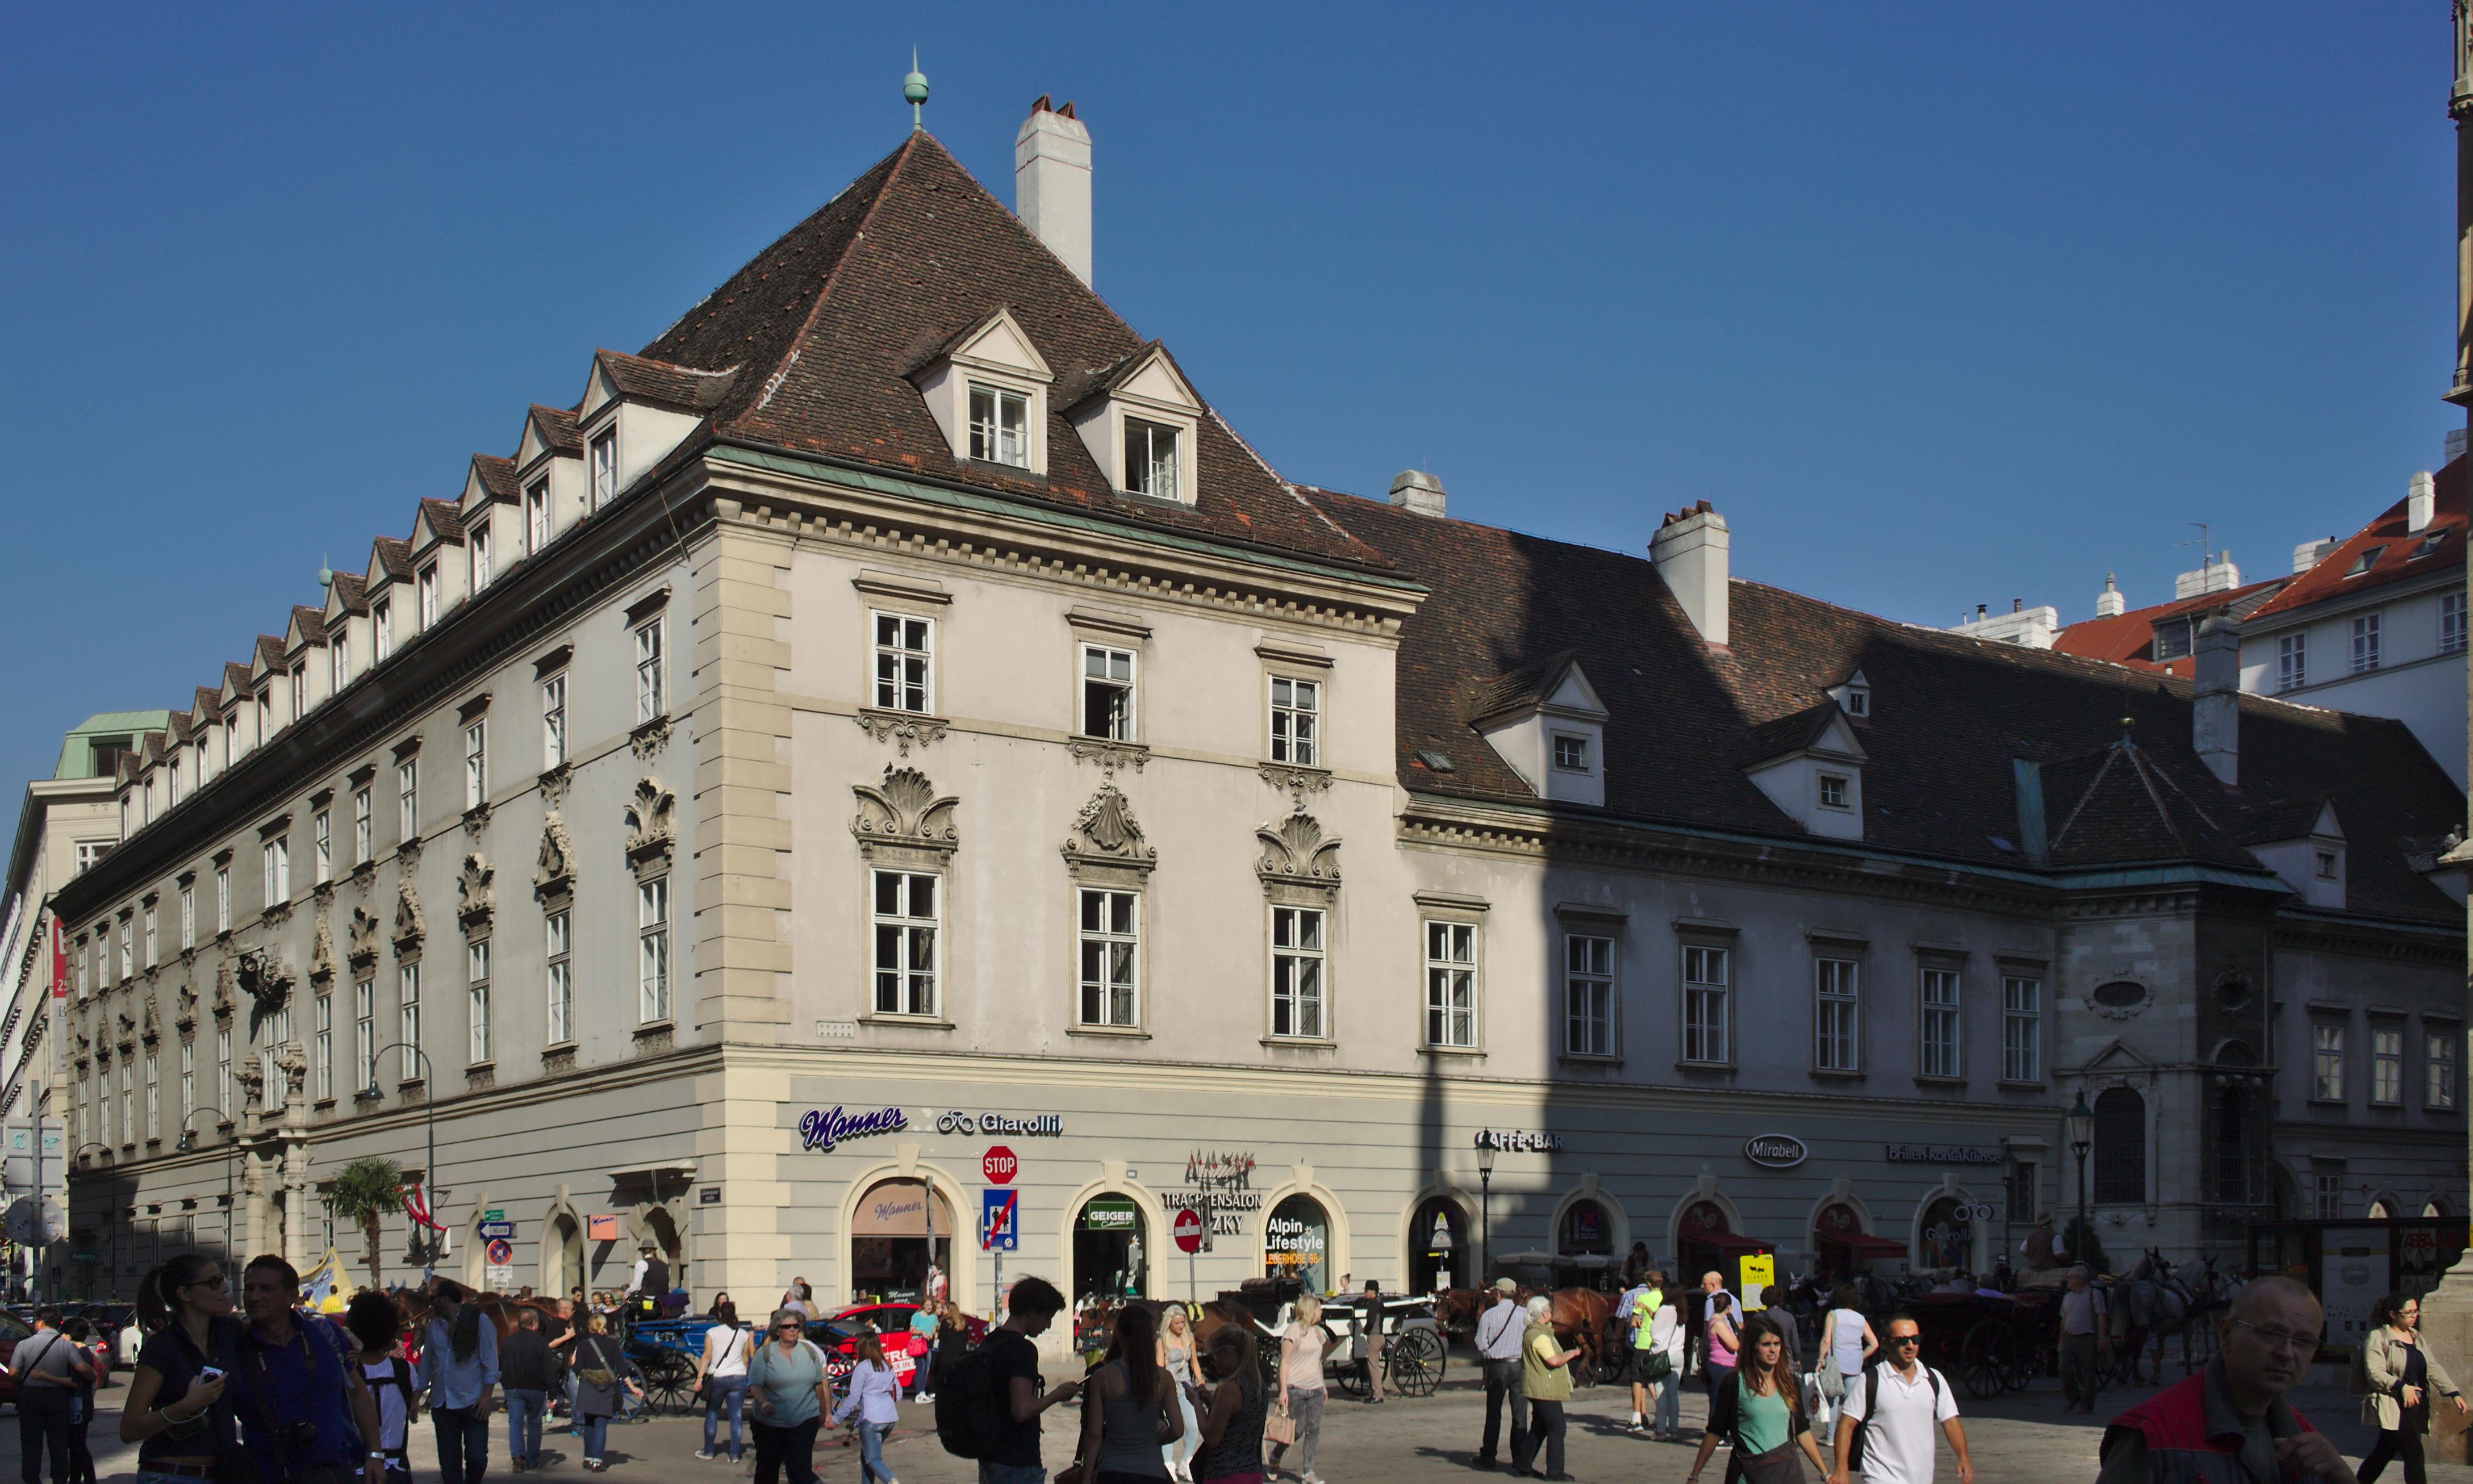 Erzbischöfliches Palais mit Andreaskapelle (20907) IMG 5762.jpg